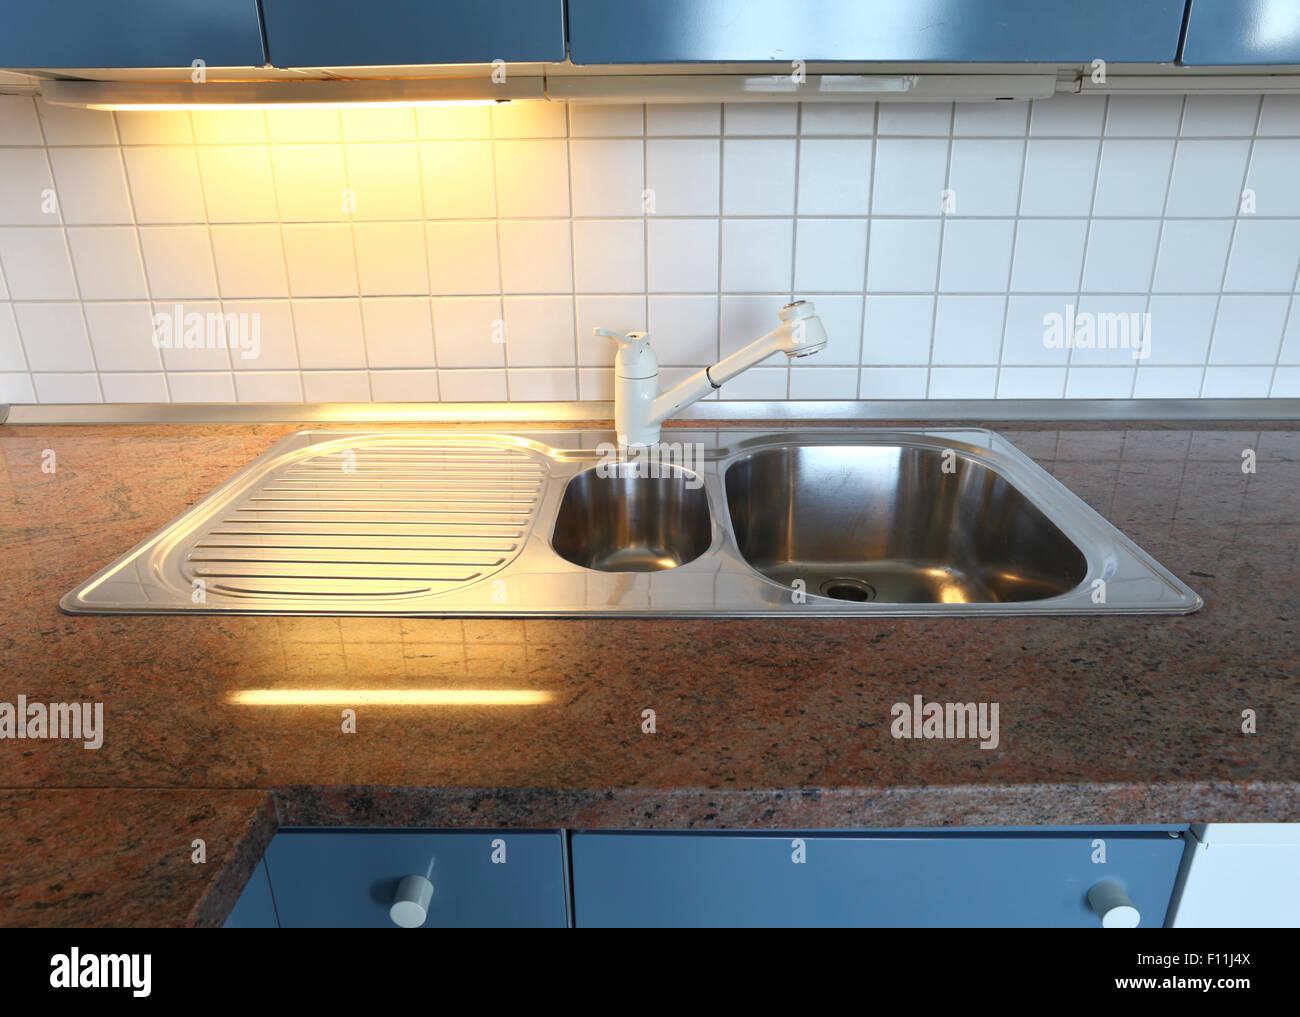 Marmo e piastrelle cucina Foto & Immagine Stock: 86702698 - Alamy